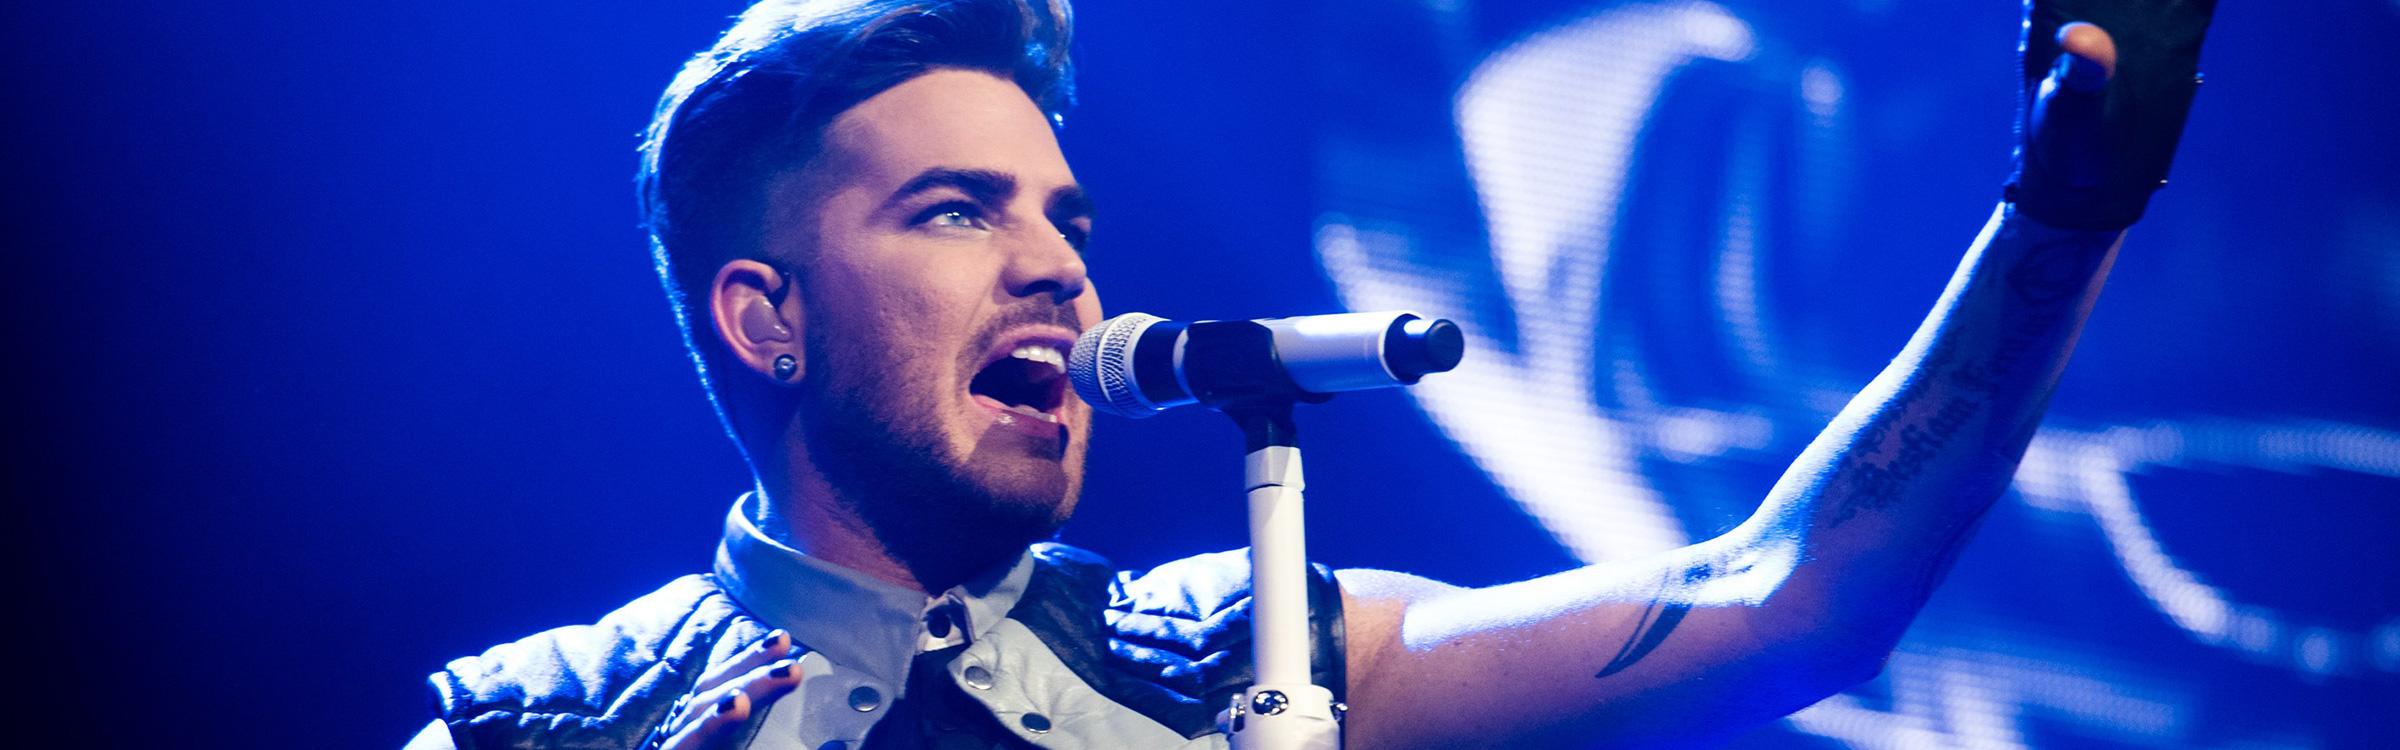 Adam header